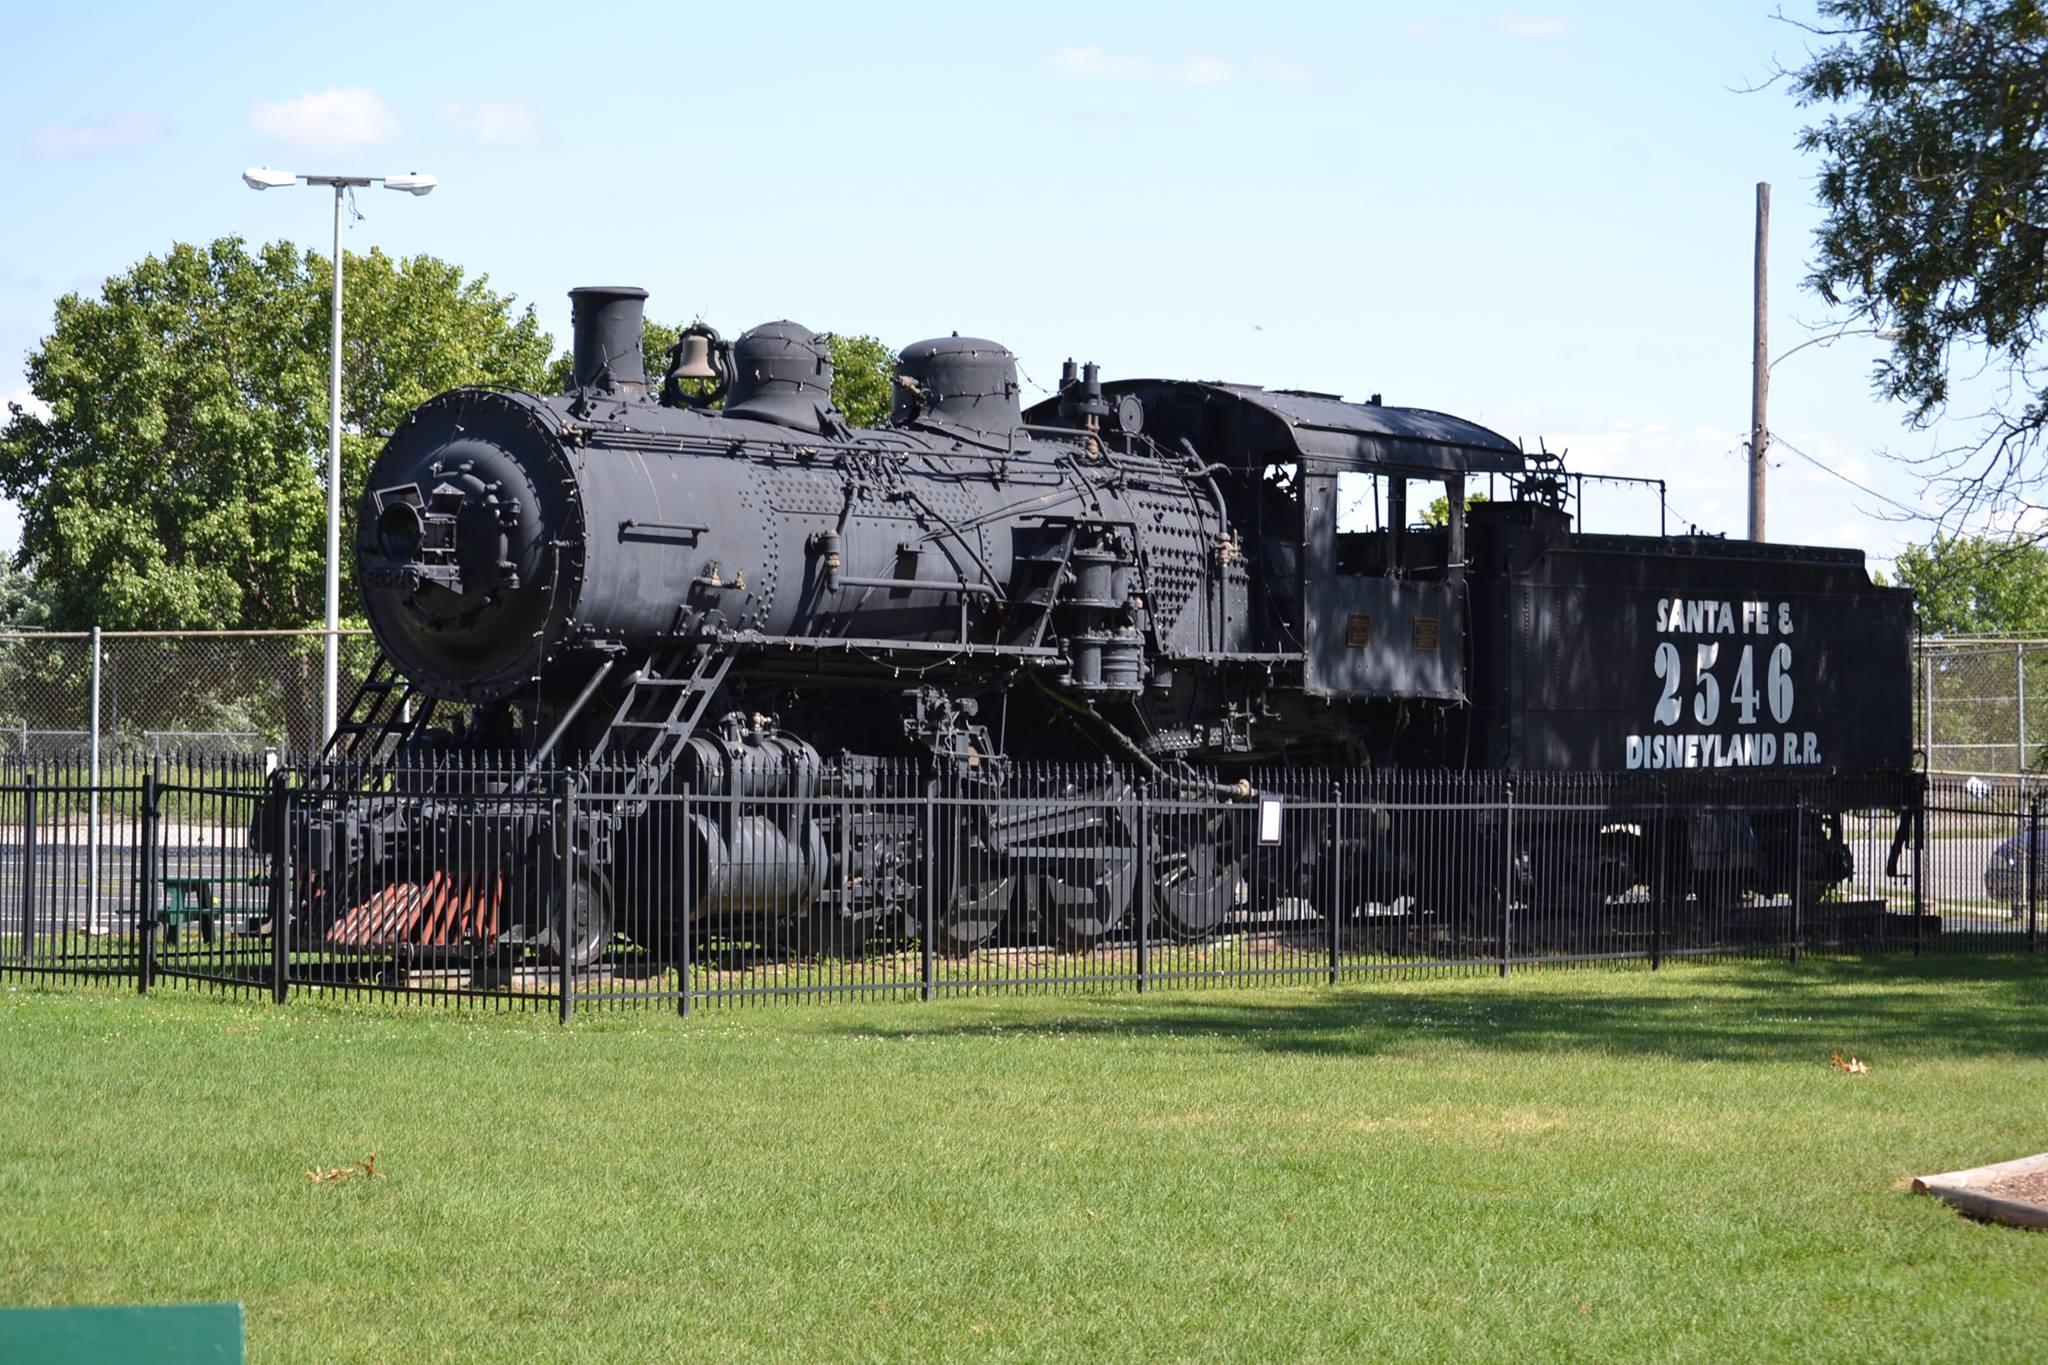 Santa Fe 2546 in Marceline, MO